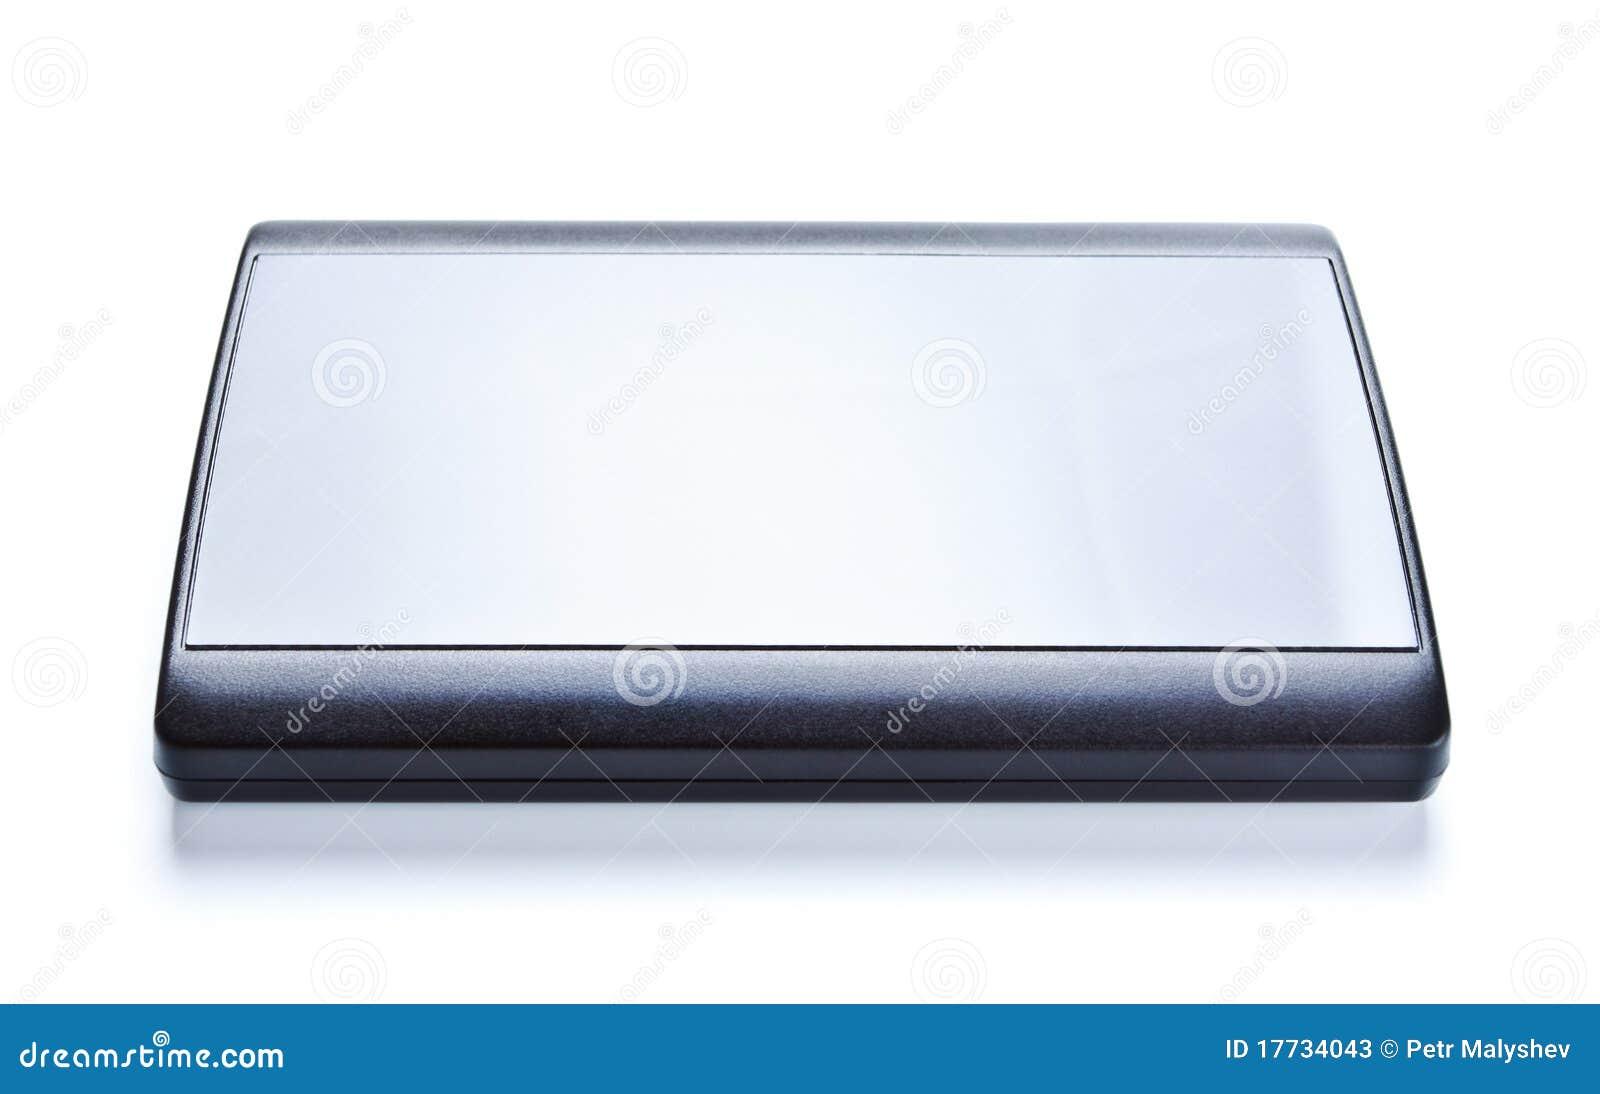 electronic gadget stock photos image 17734043